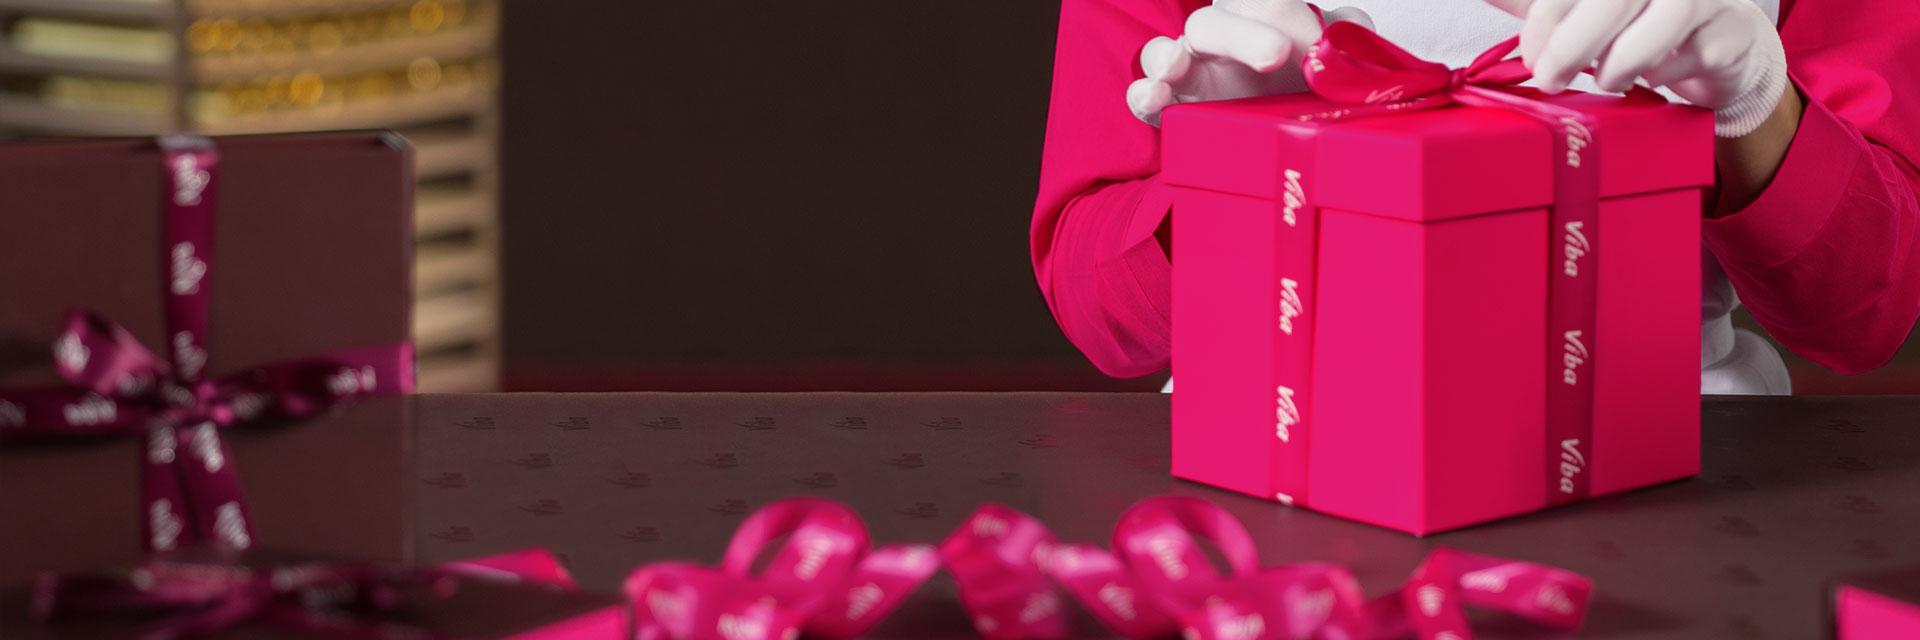 individuelles Geschenk verpacken